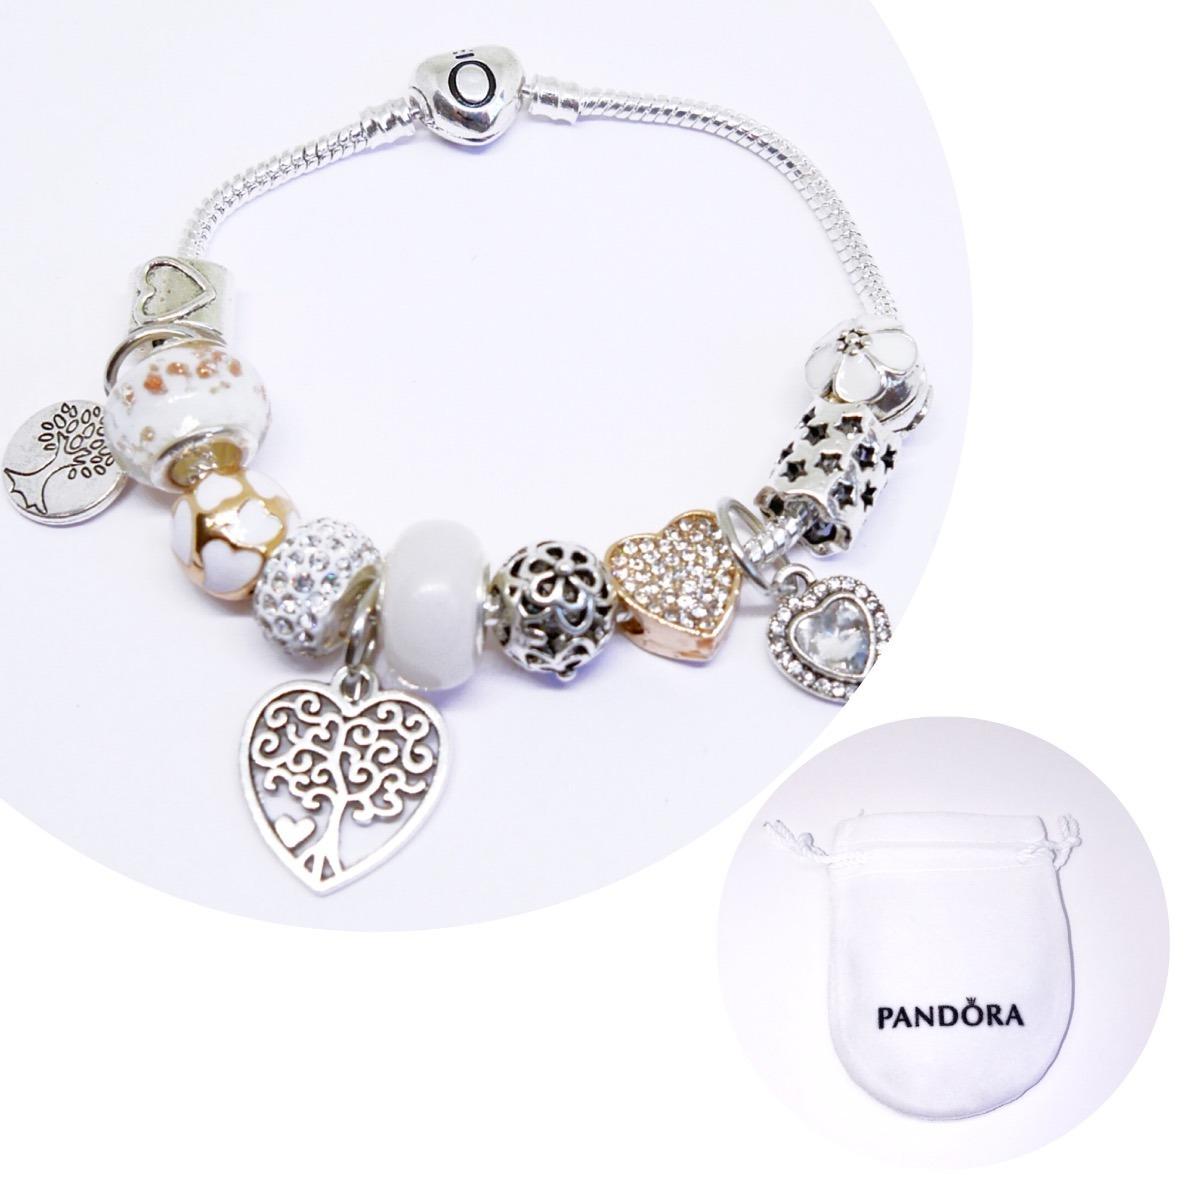 Tipo pulsera pandora charms dorados en mercado for Pandora jewelry amarillo tx